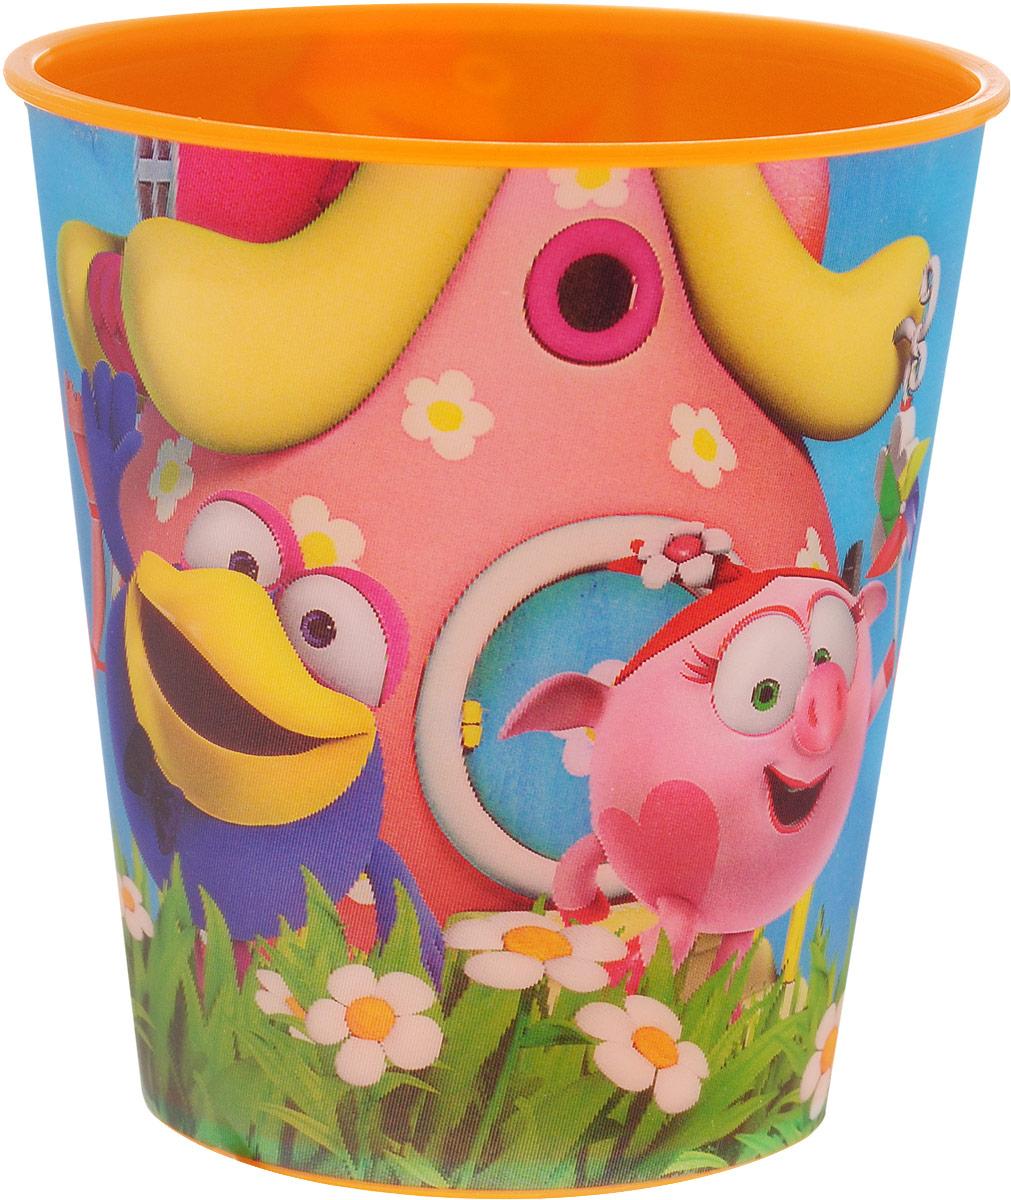 Смешарики Стакан детский 280 млSMT280-01Детский стакан Смешарики непременно станет любимым стаканчиком малыша. Стакан выполнен из прочного безопасного полипропилена и оформлен изображением героев мультсериала Смешарики. Благодаря безопасному материалу, стакан подойдет для любых напитков. Объем стакана - 280 мл. Яркий детский стаканчик непременно порадует ребенка и станет отличным подарком для любого маленького поклонника сериала Смешарики. Стакан не подходит для использования в СВЧ-печах и посудомоечных машинах.